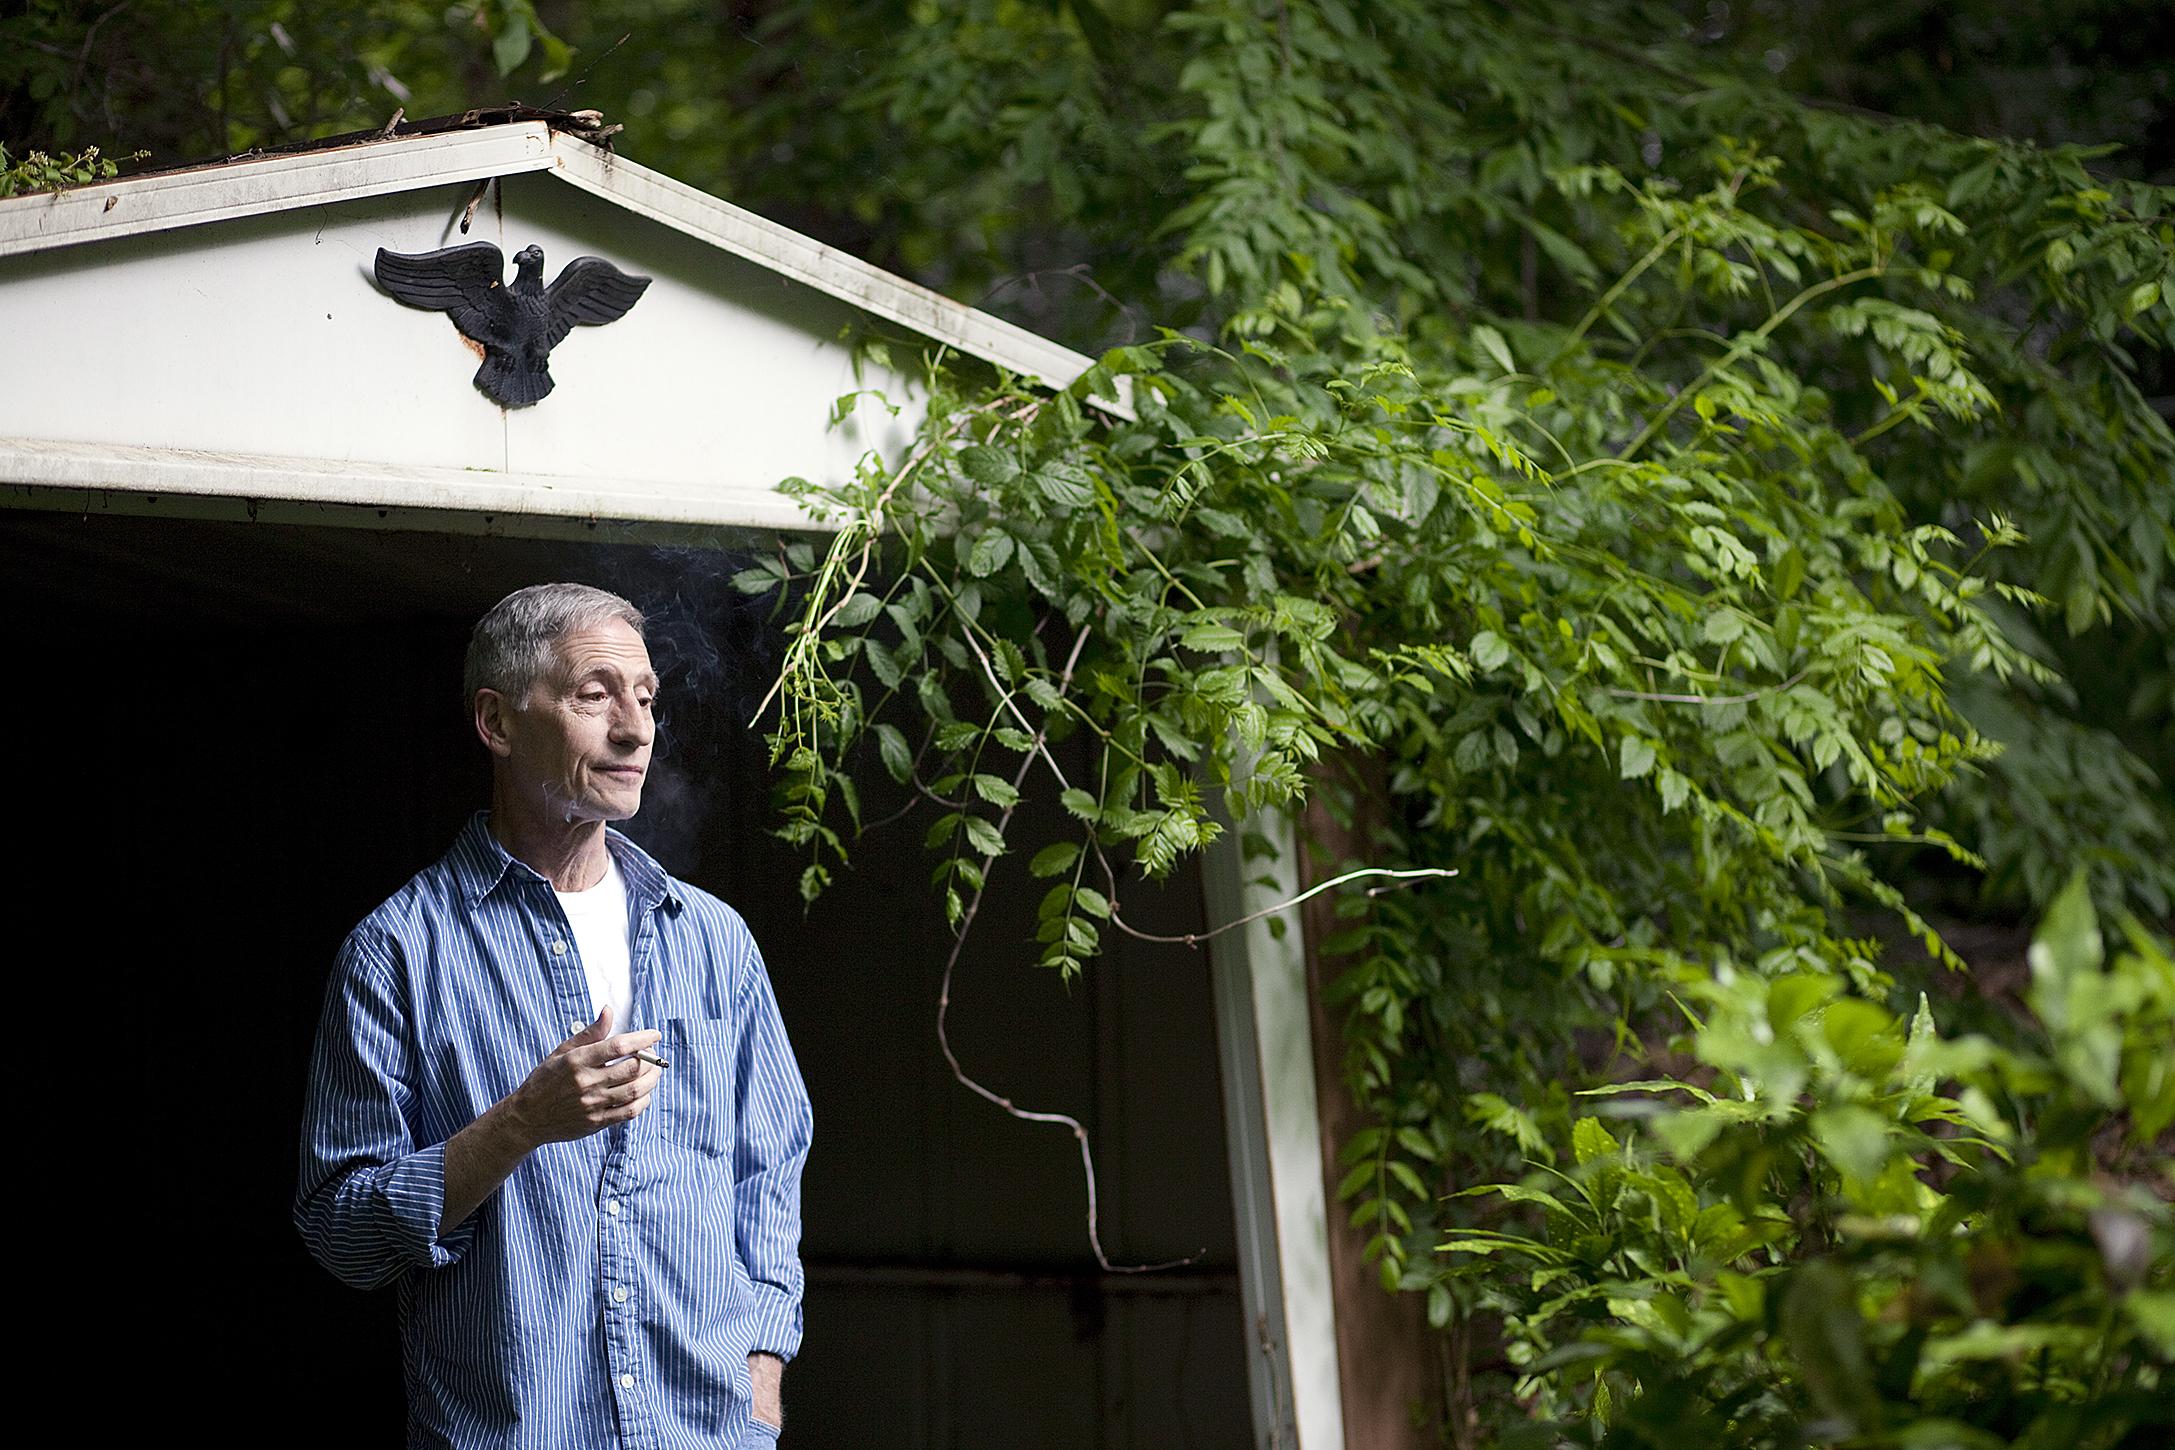 John in his Gardening Shed, 2010